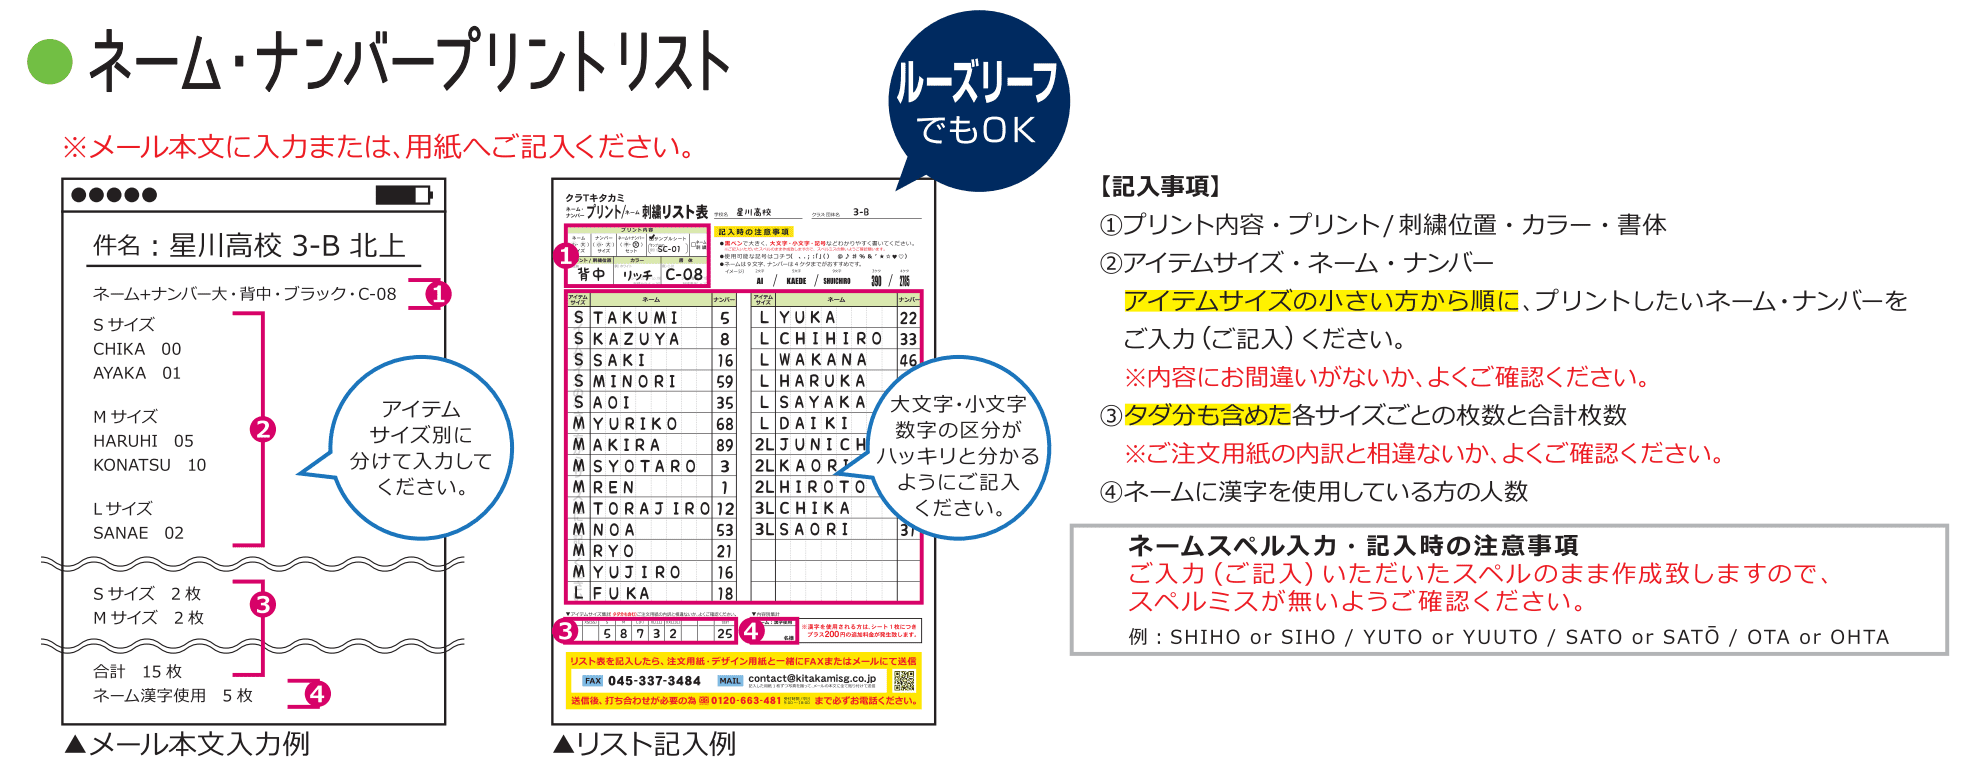 https://www.classt-ks.jp/files/libs/9851/202004161327268155.png